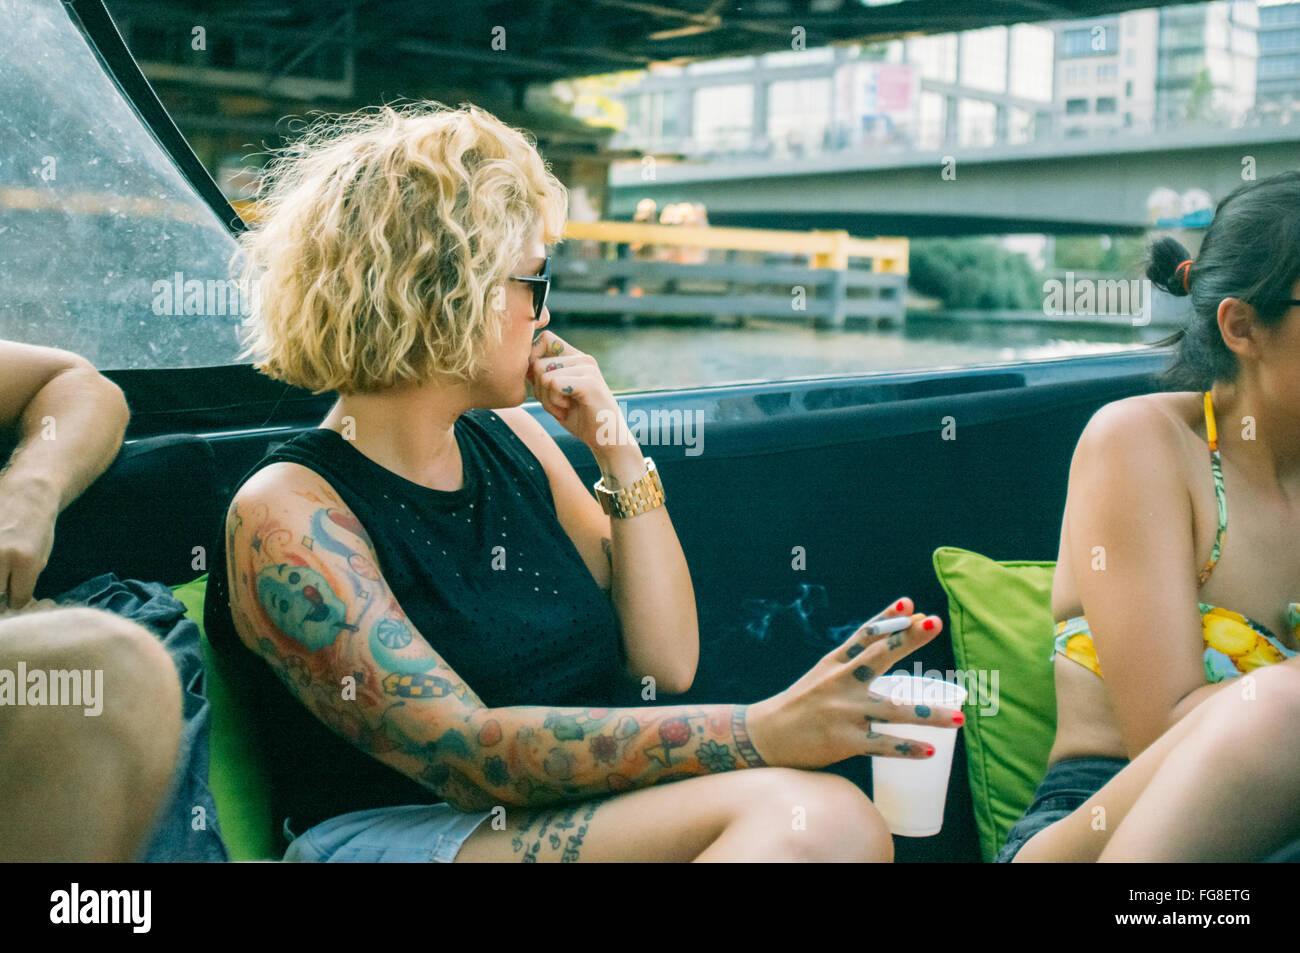 Le donne sedute e godendo in barca nel fiume Immagini Stock